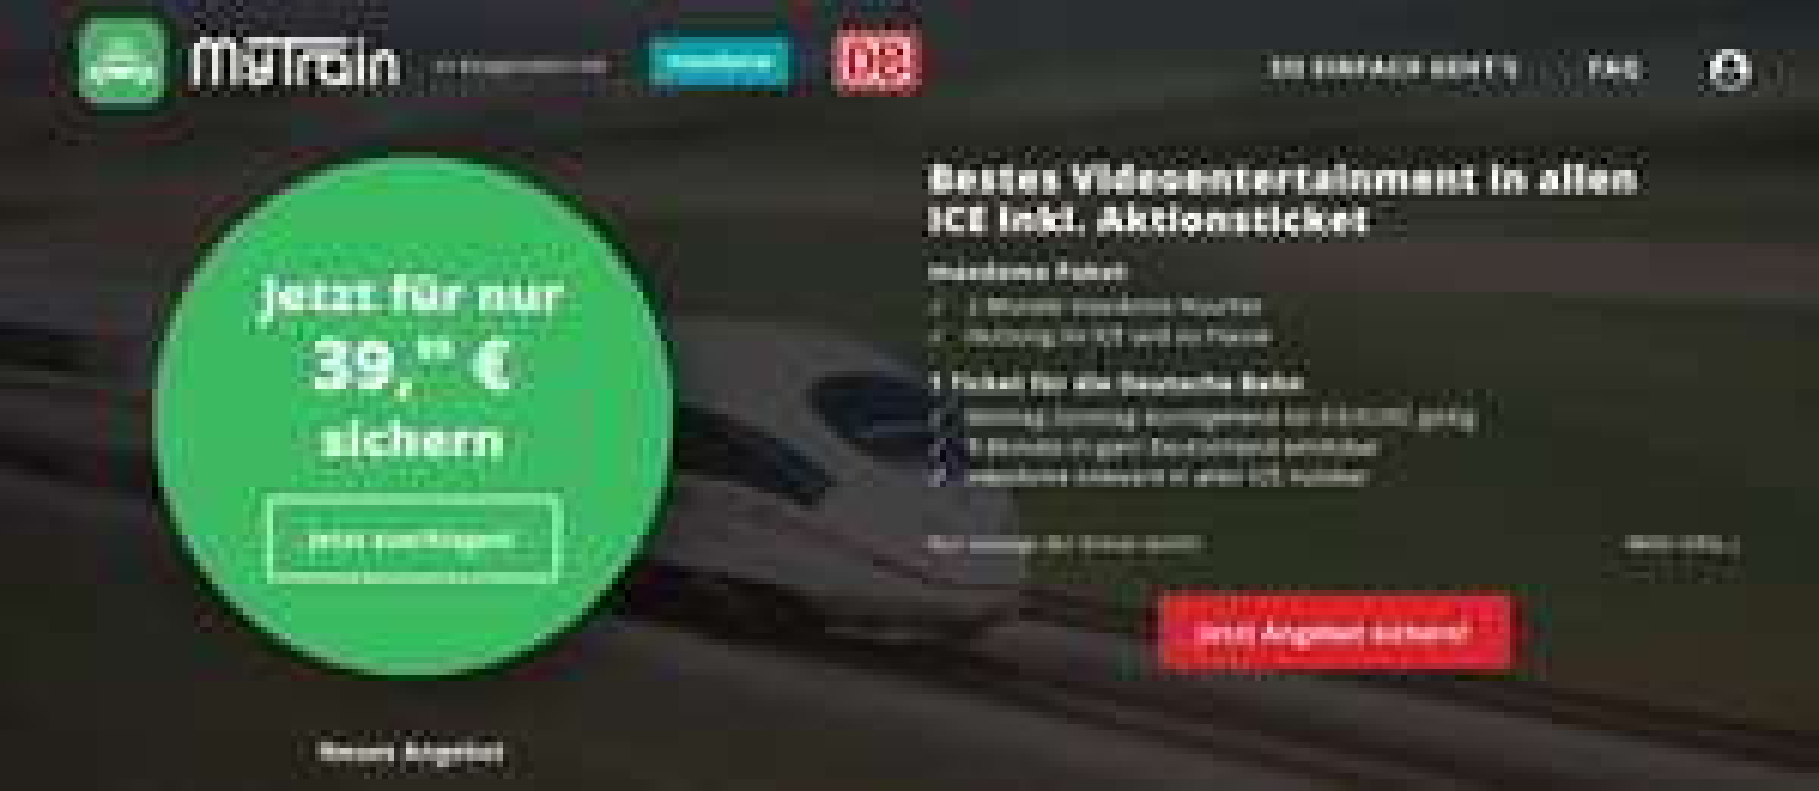 Bahn-Sparticket für nur 39,99 €  durch Deutschland + Maxdome